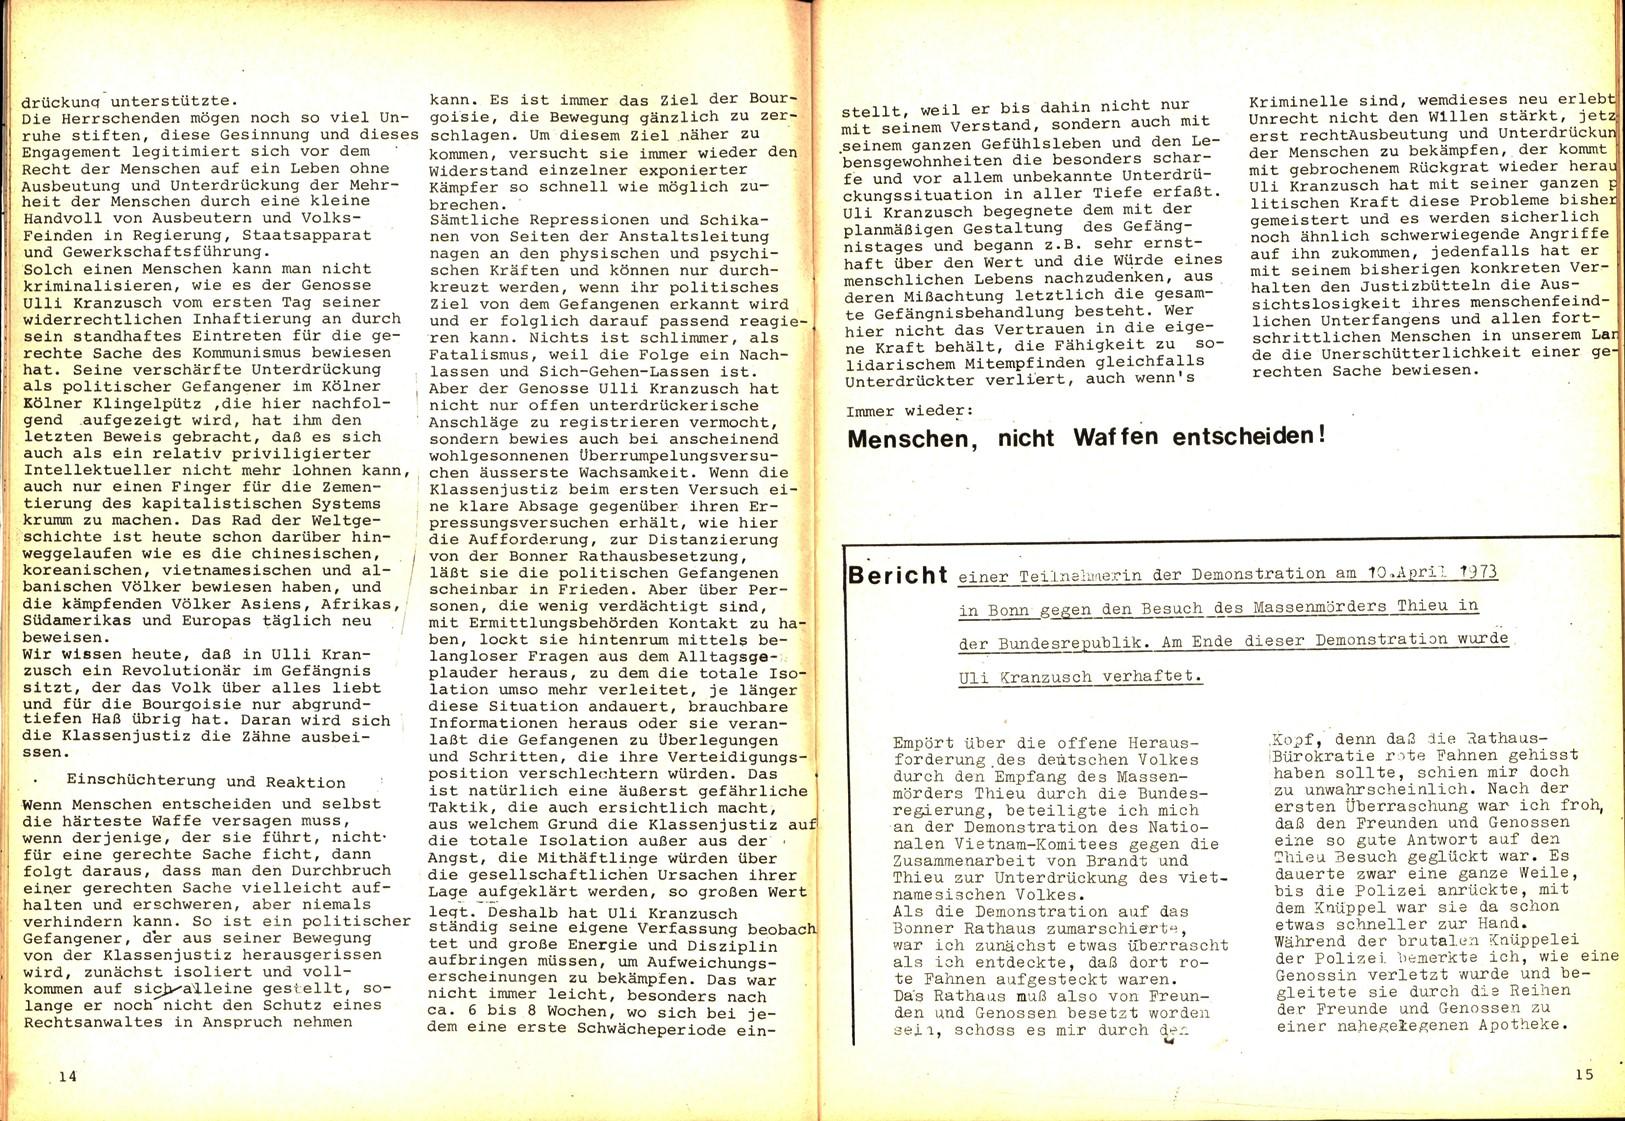 Komitee_Haende_weg_von_der_KPD_1973_Freiheit_fuer_Uli_Kranzusch_09